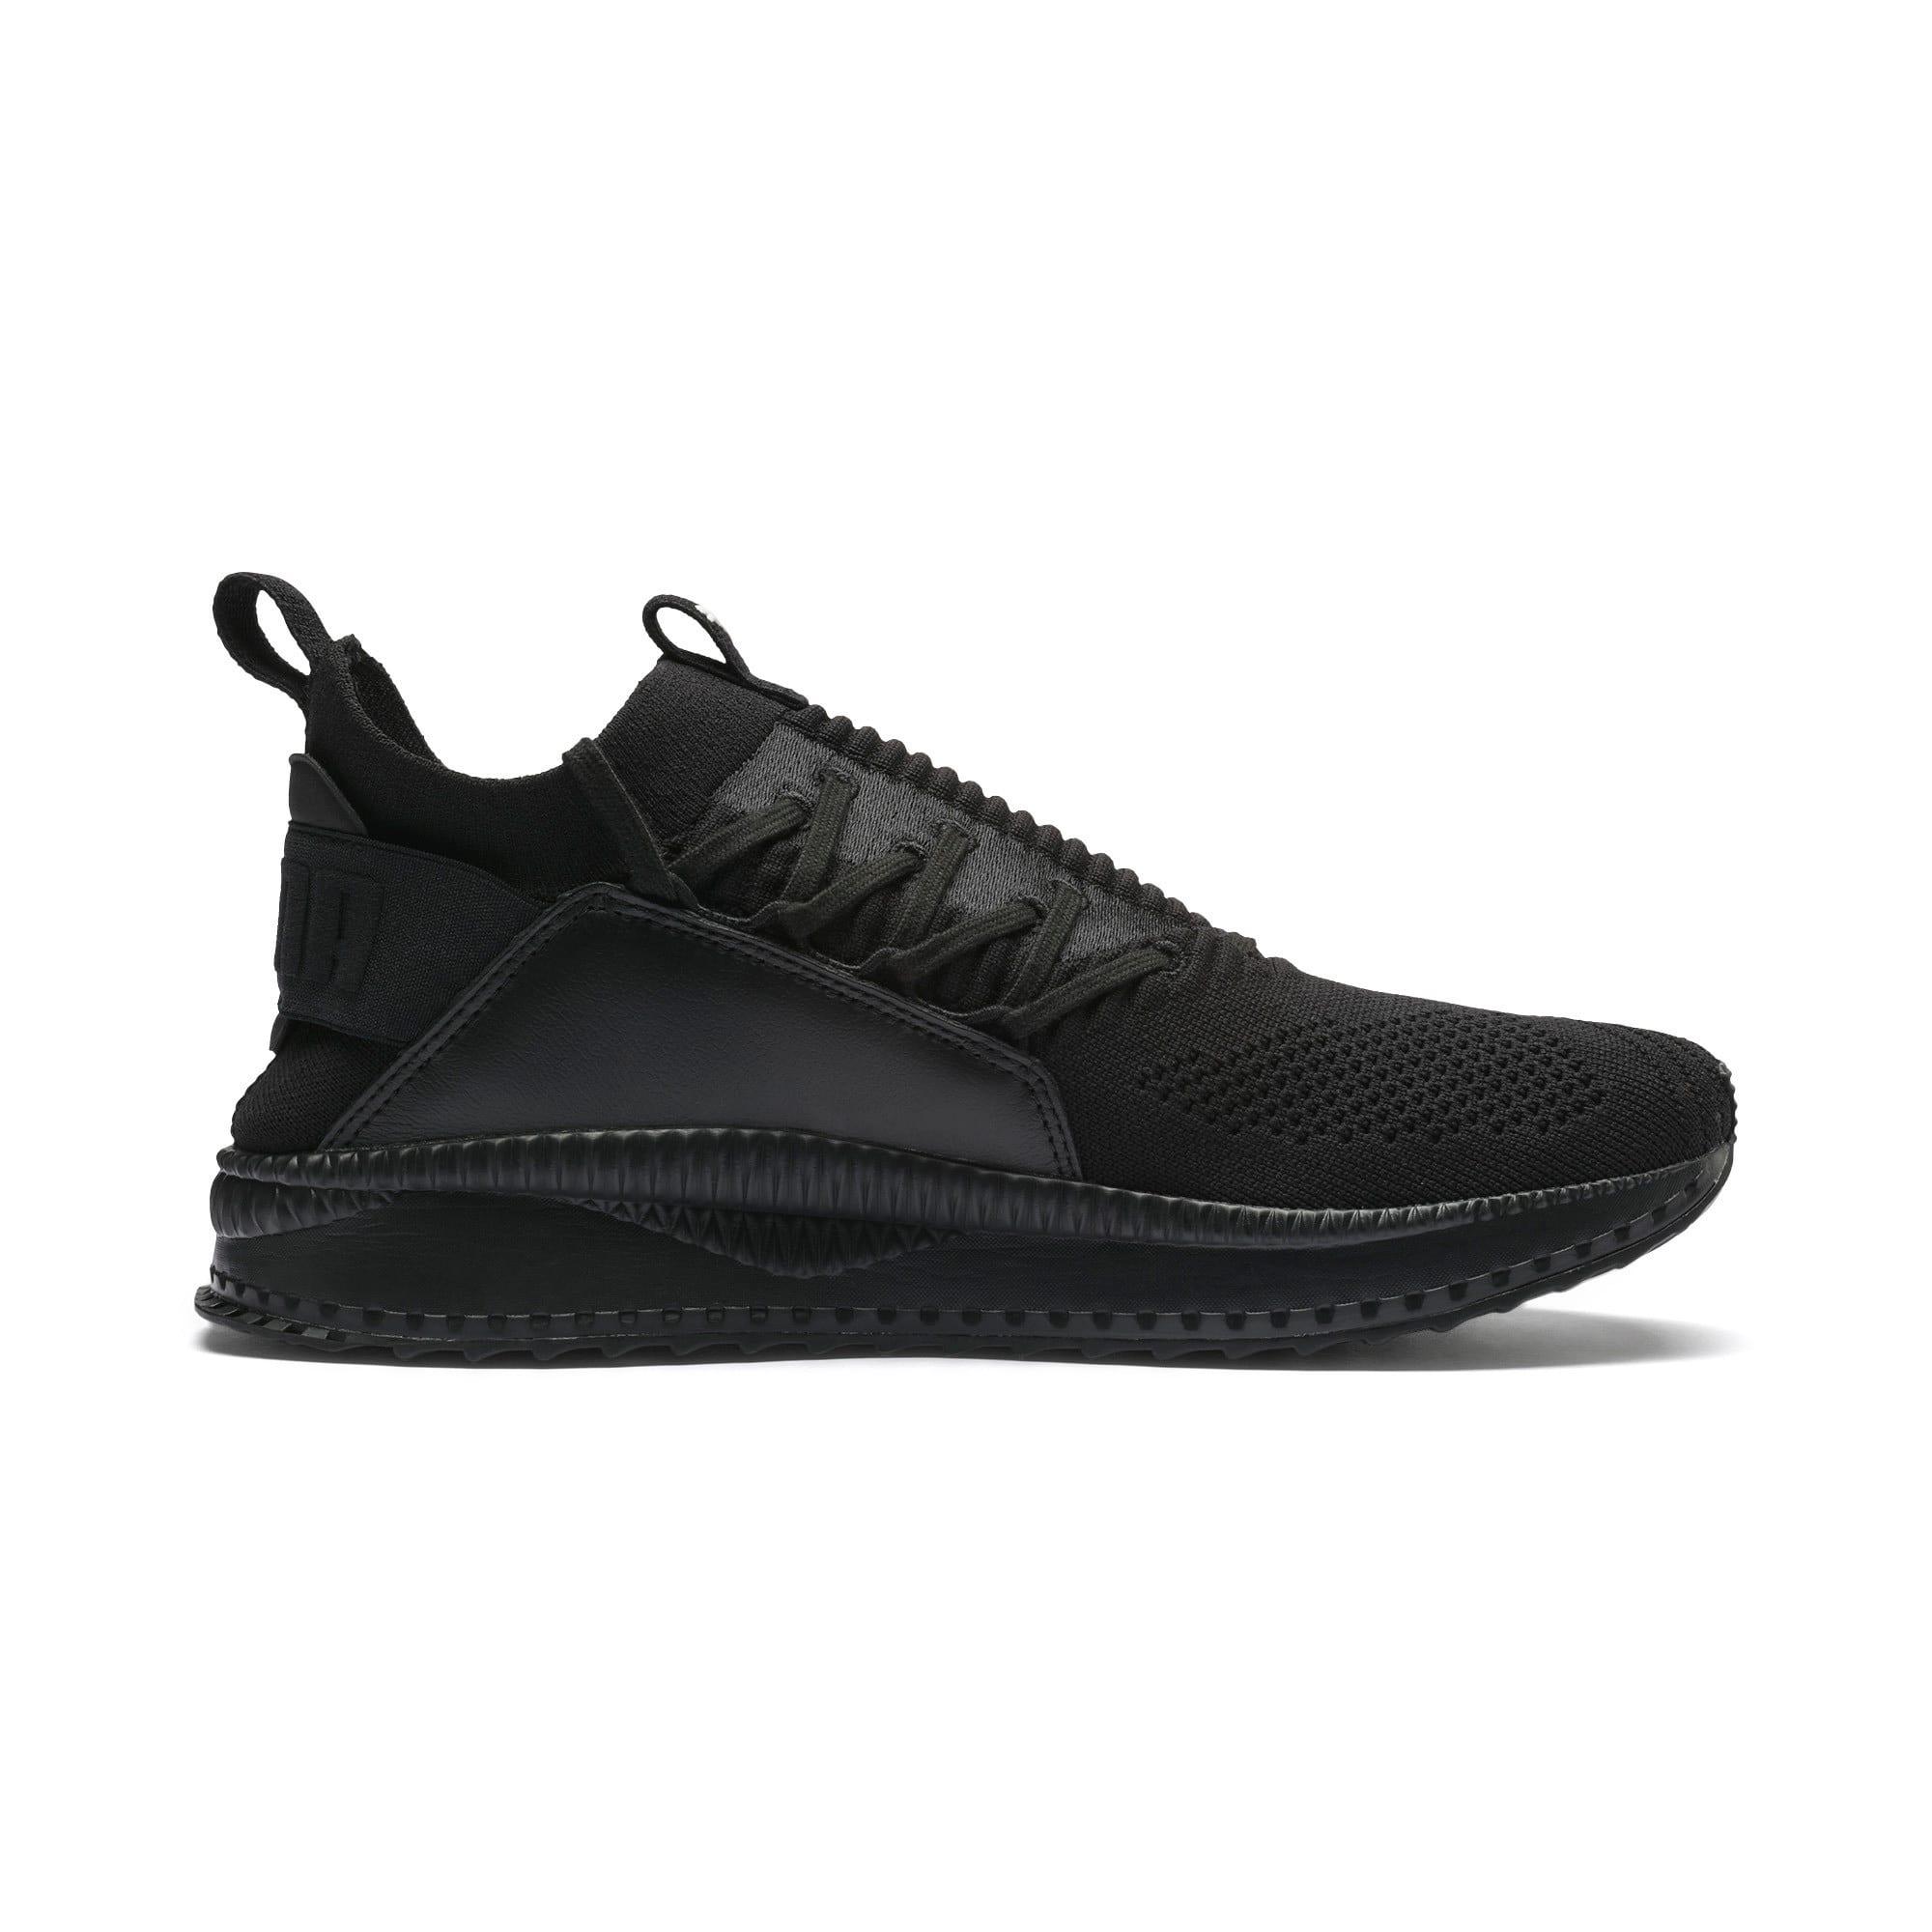 Beliebt Puma Tsugi Jun Gr 44 5 UK 10 Sneaker Schuhe